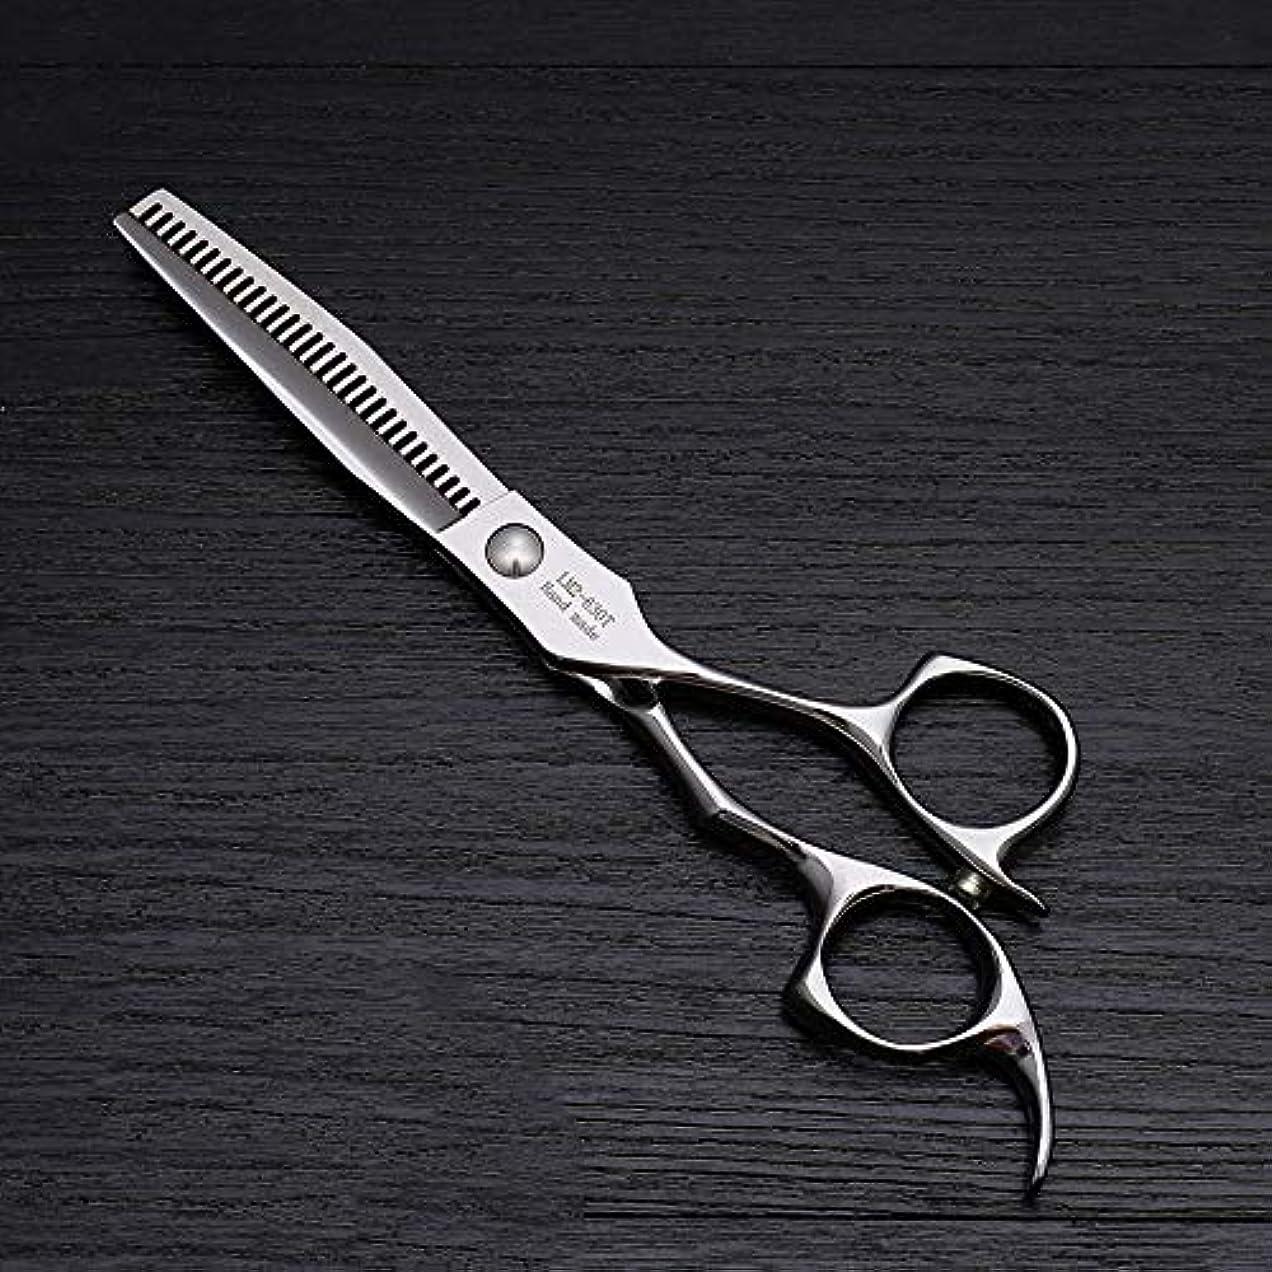 意志医薬クーポン理髪用はさみ 6インチのステンレス鋼の理髪はさみ、美容院の毛の切断用具の薄くなるはさみの毛の切断はさみのステンレス製の理髪師のはさみ (色 : Silver)